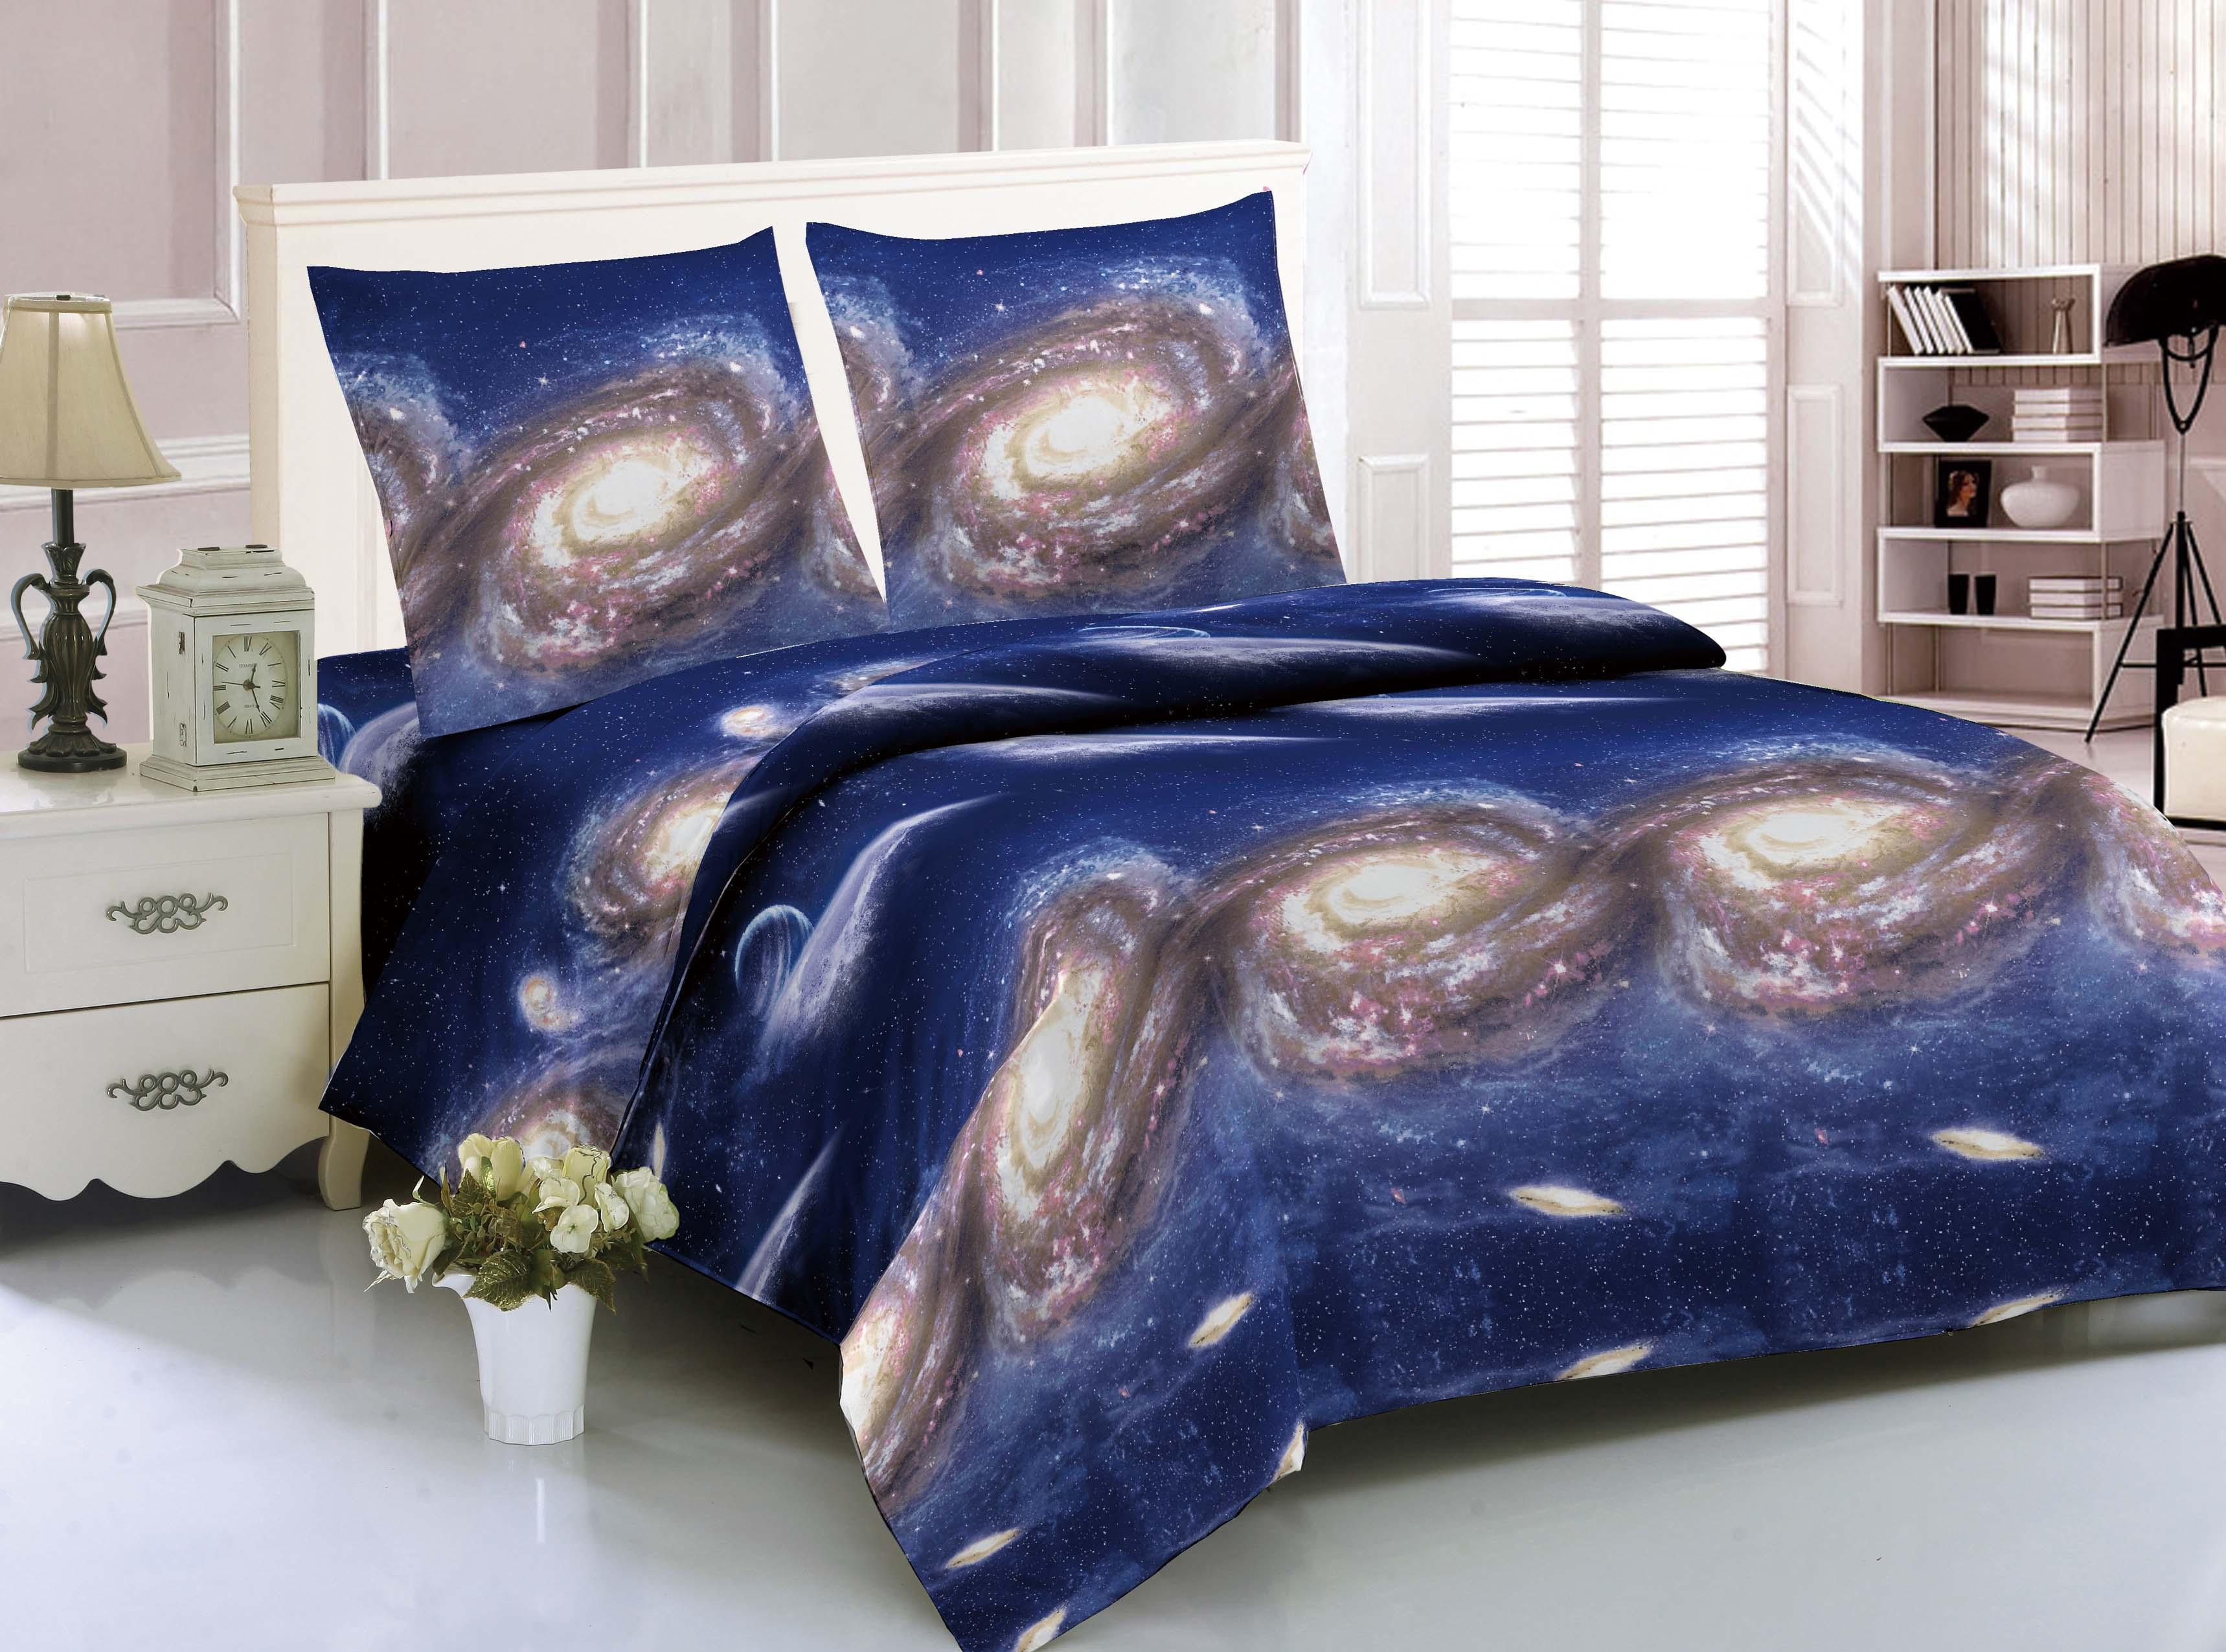 Купить Комплекты постельного белья Amore Mio, Постельное белье Space (1, 5 спал.), Китай, Синтетический сатин